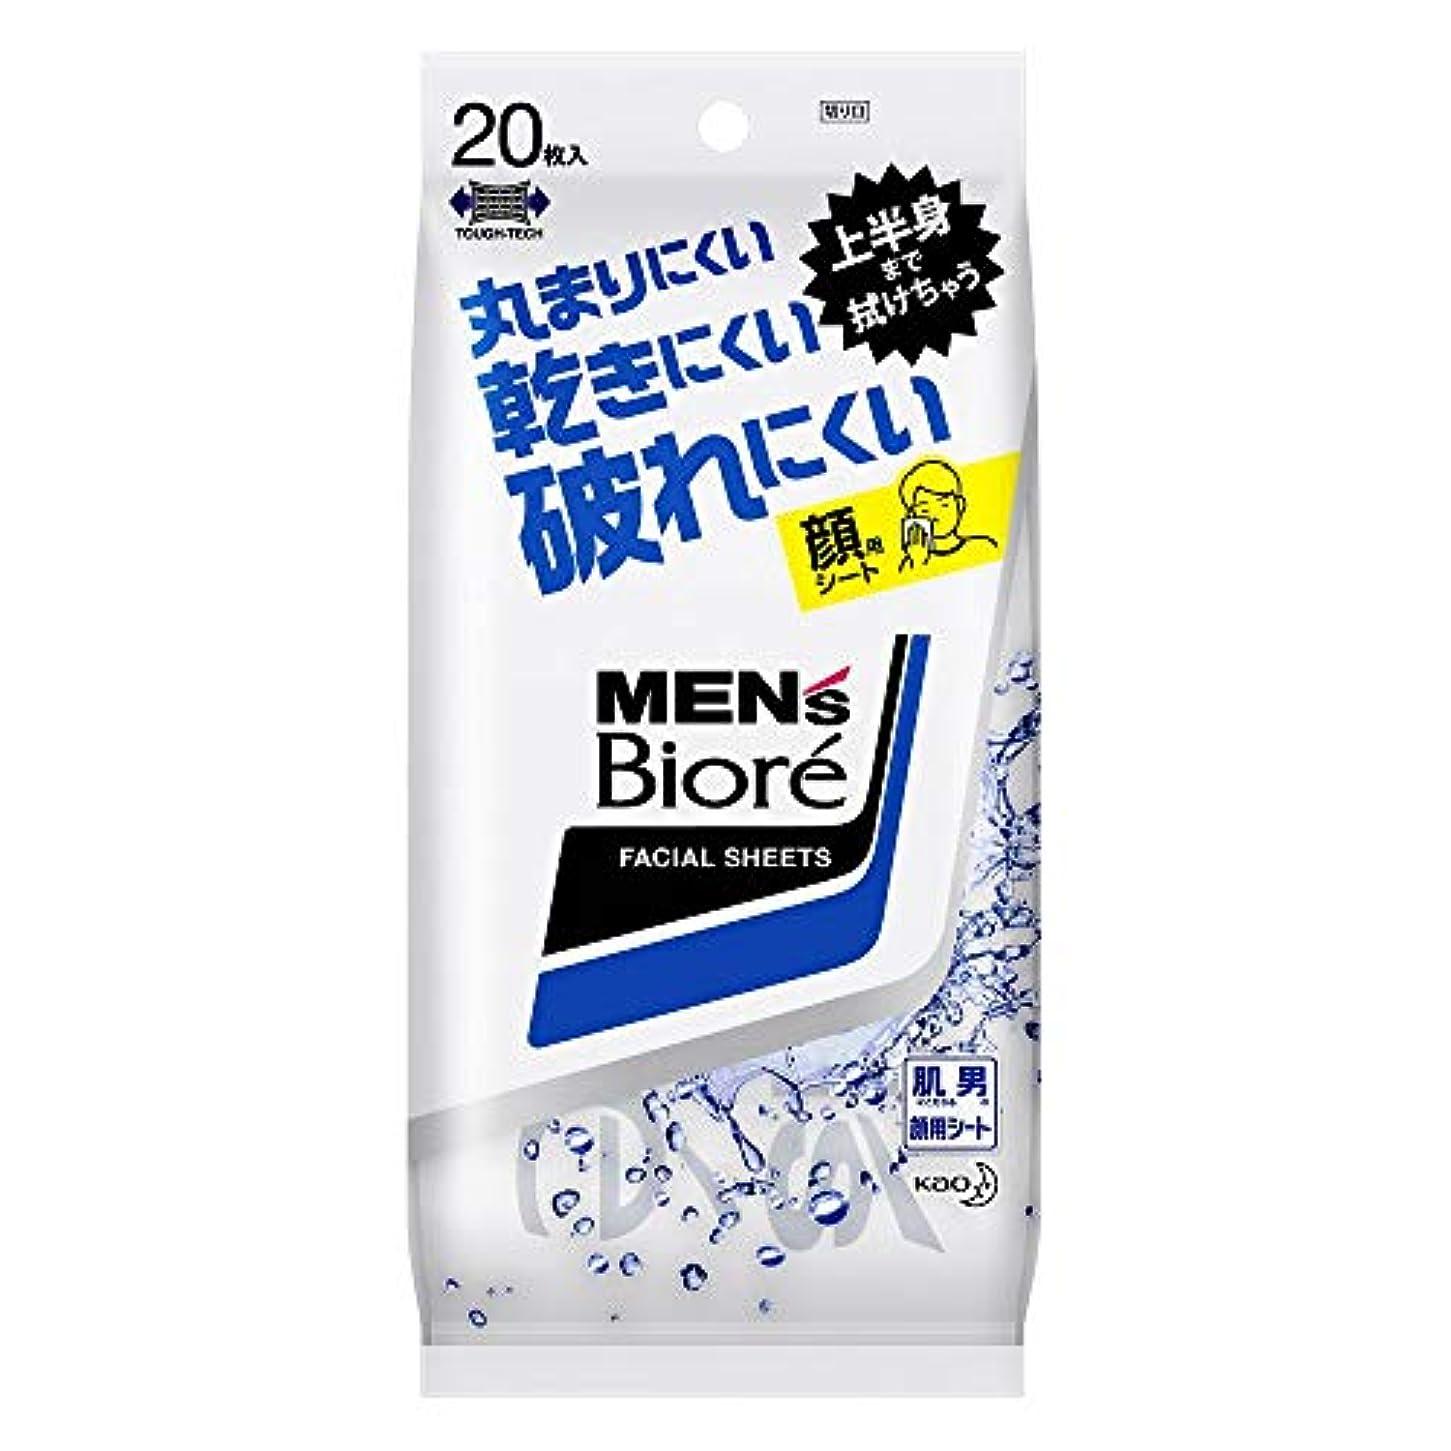 聖域達成可能自分花王 メンズビオレ 洗顔シート 携帯用 20枚